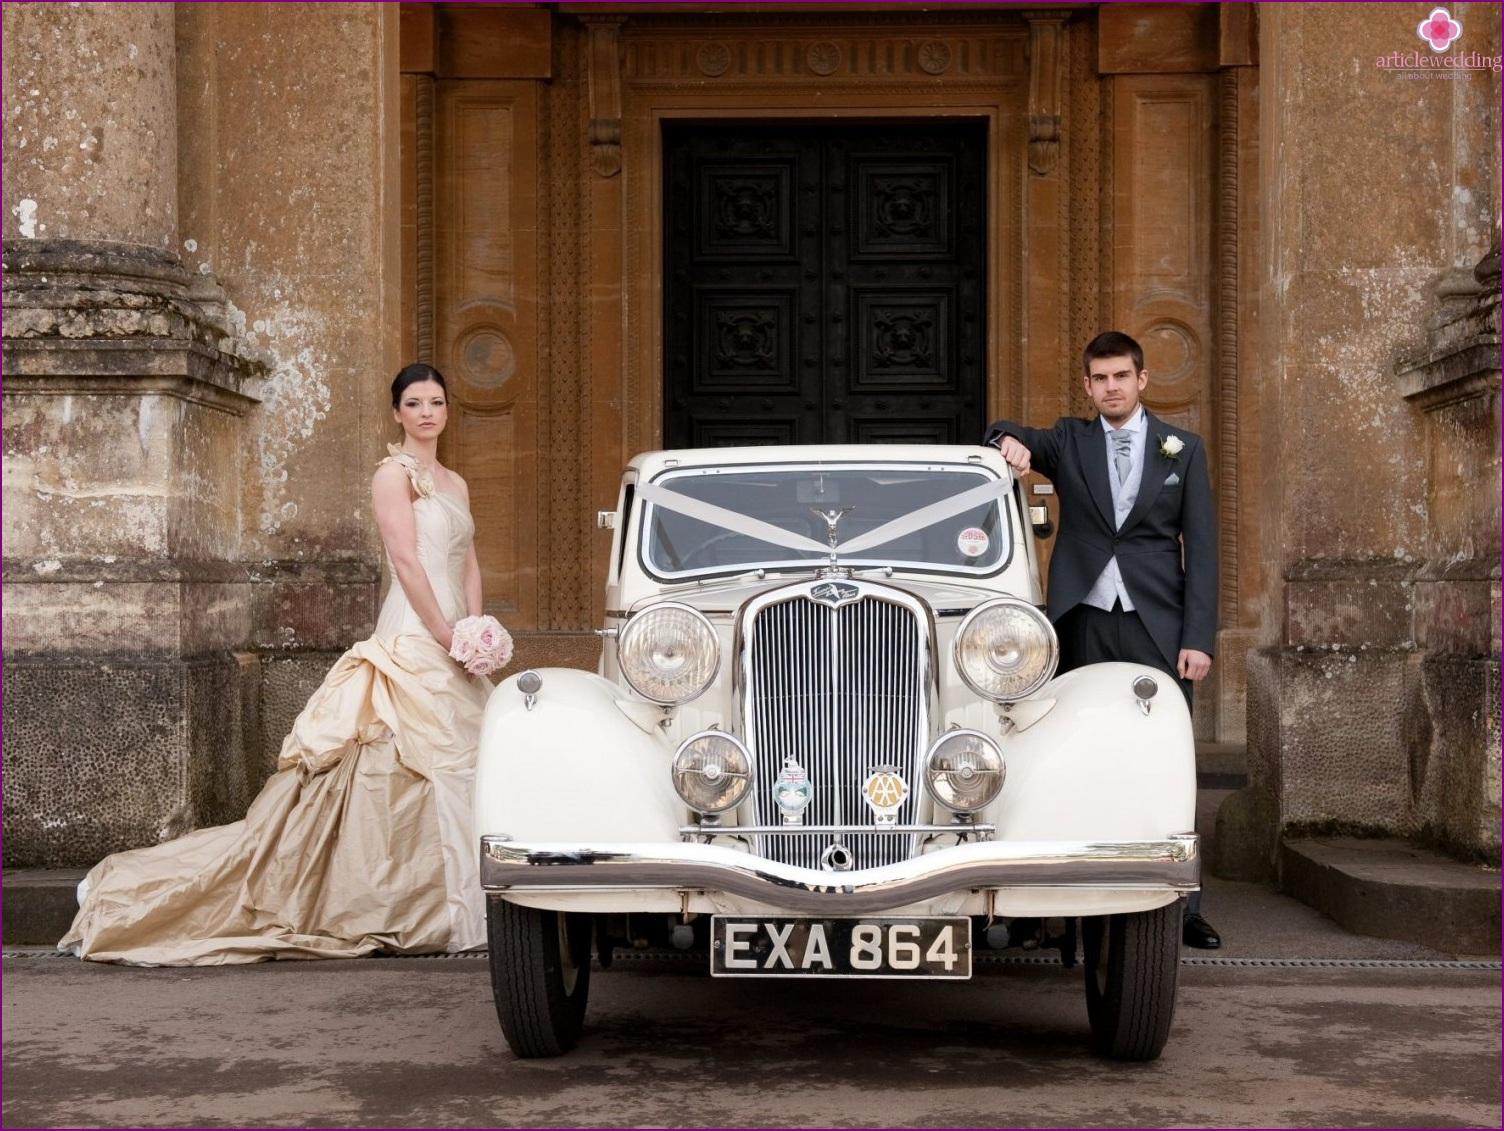 White retro car for a wedding